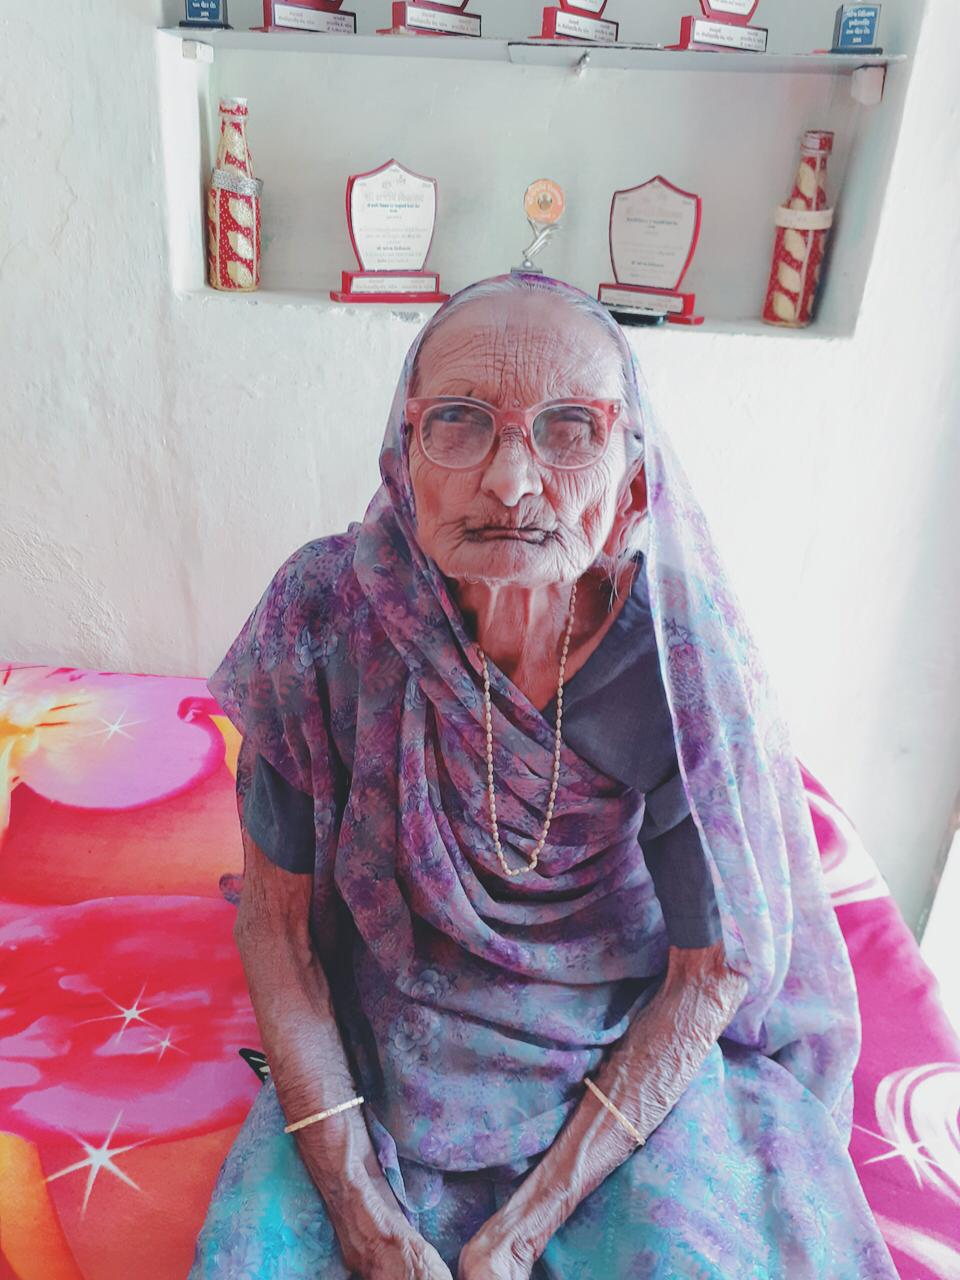 મોરબી : મૂળ કેરાળી નિવાસી જનકબા લાલુભા જાડેજાનું દુખદ અવસાન, ટેલીફોનીક બેસણું